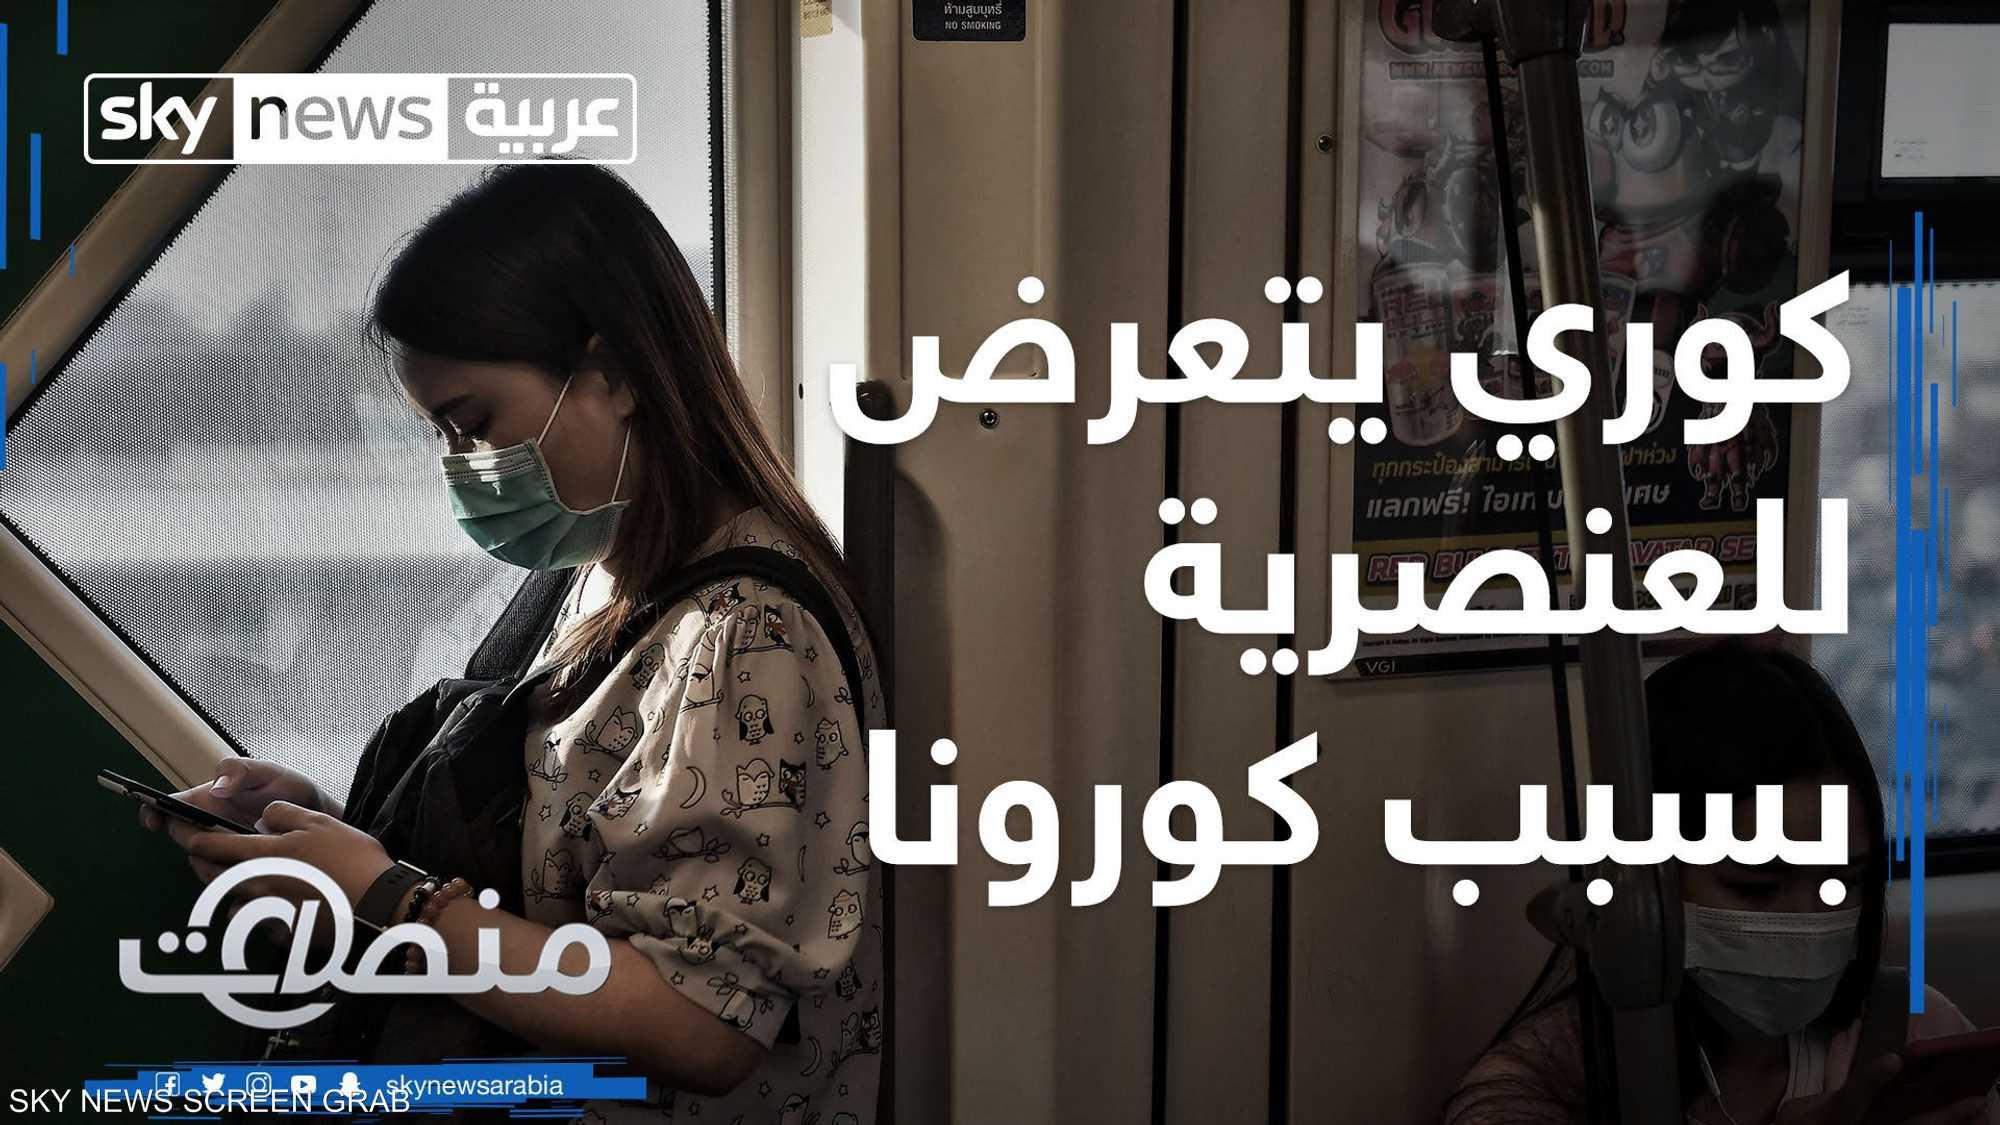 كوري في الأردن يشكو العنصرية بسبب كورونا